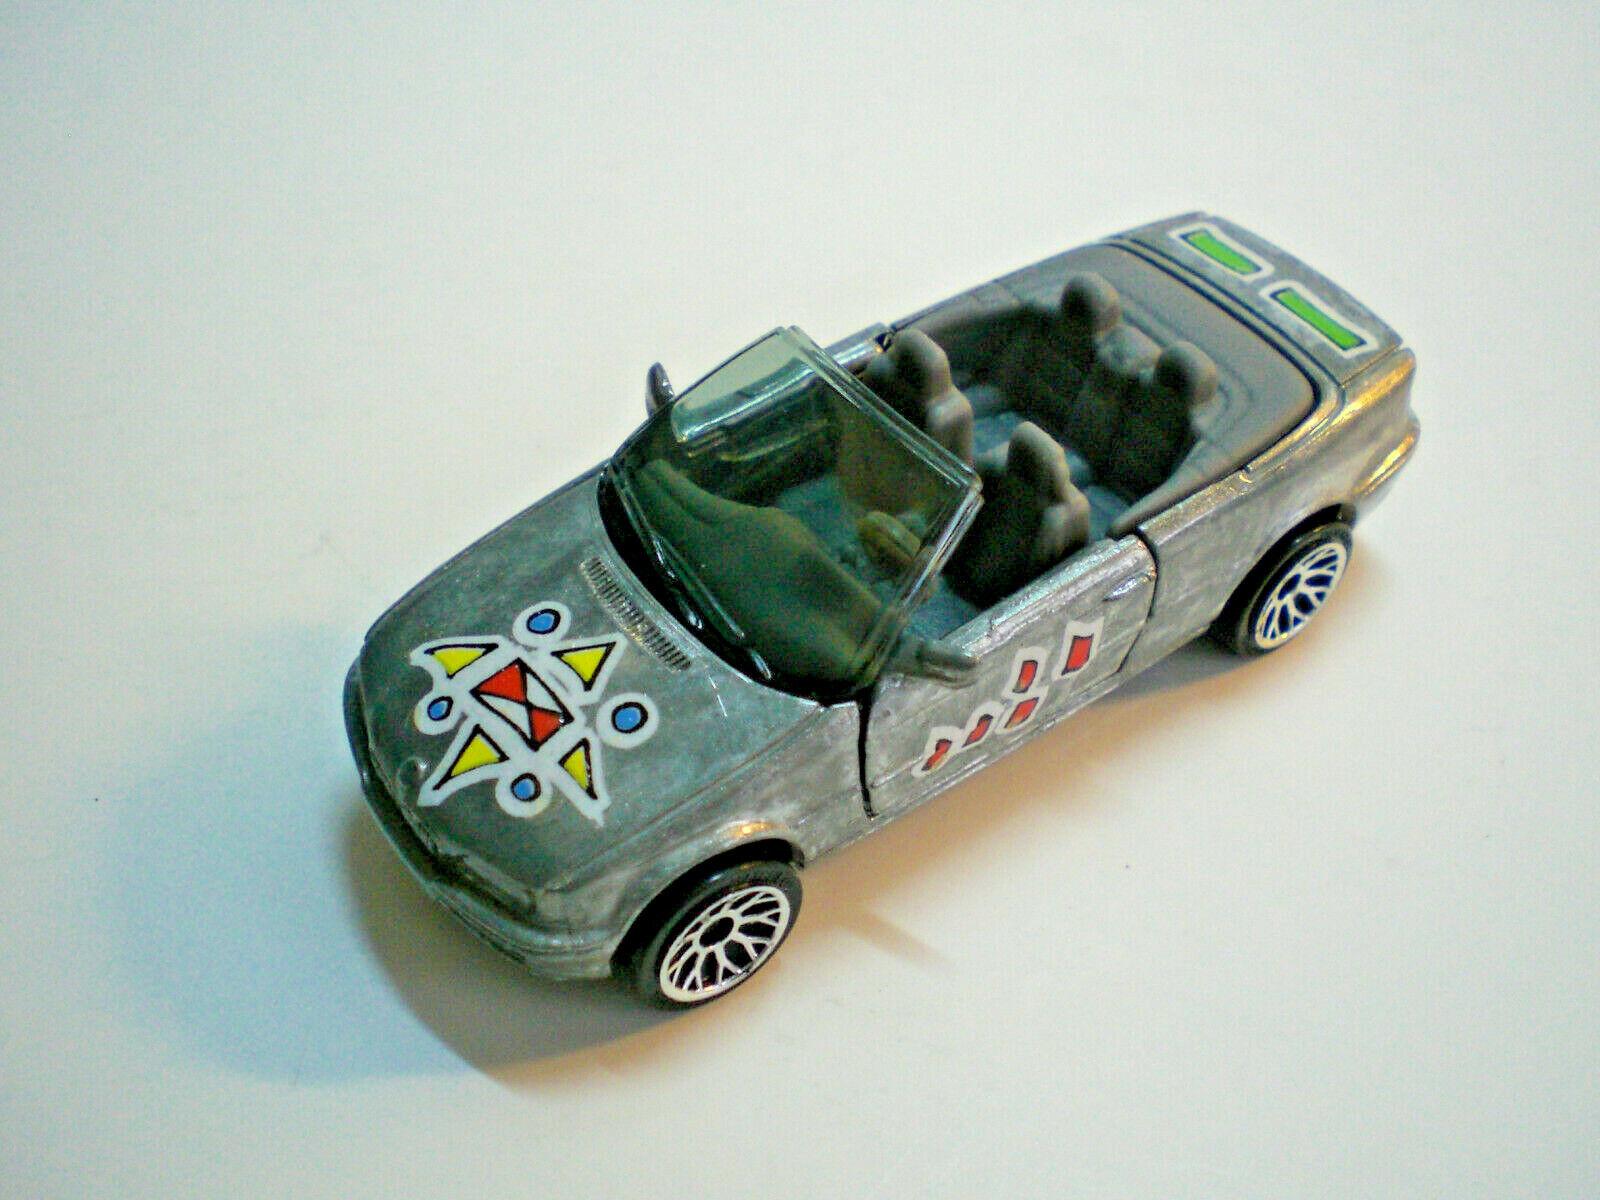 MATCHscatola  Limitato  FischerArtSet   2340  BMW 3 SERIES CABRIO  code 1  2002